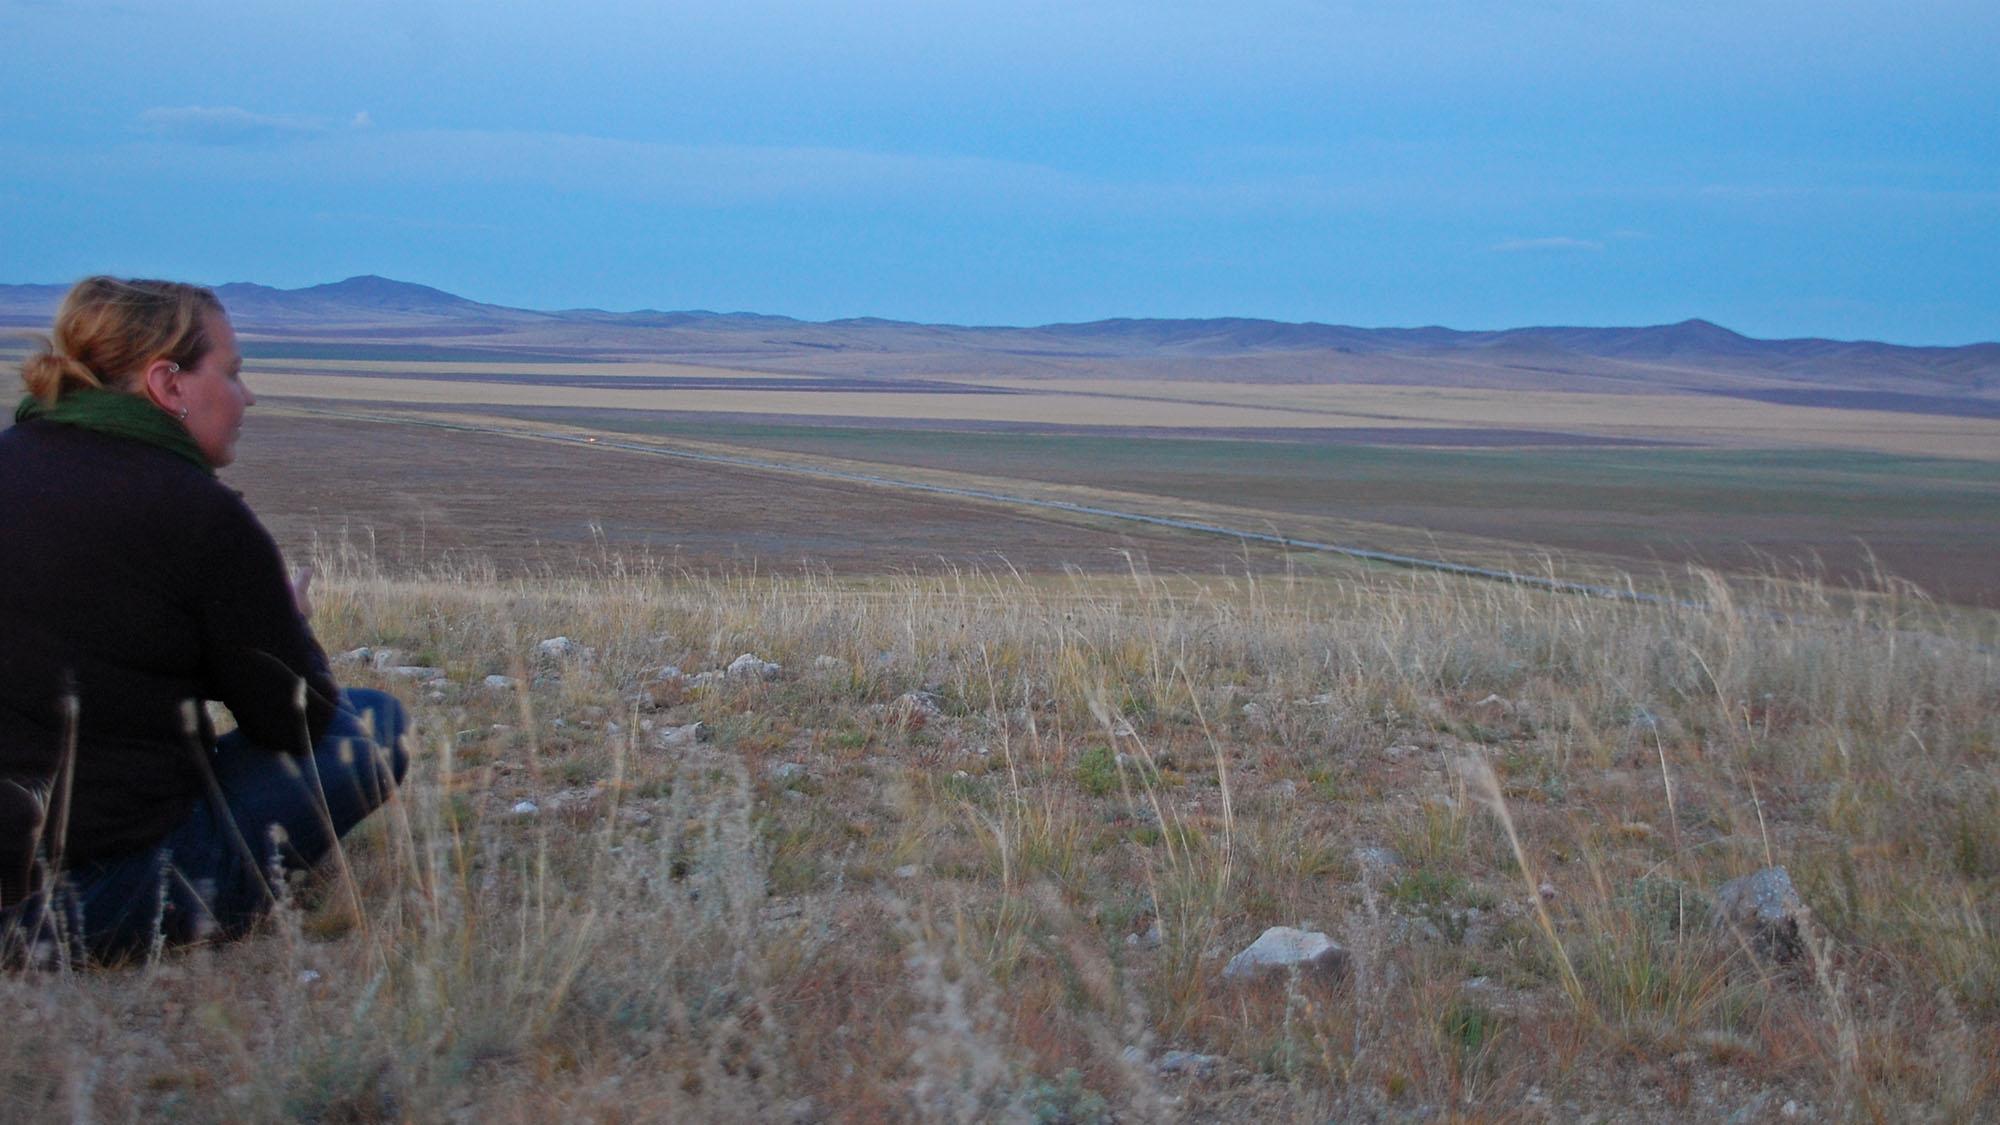 Noen ganger trengte jeg en stille stund, og da var det bare å finne et utsiktspunkt litt fra campen og trekke et par pust alene.